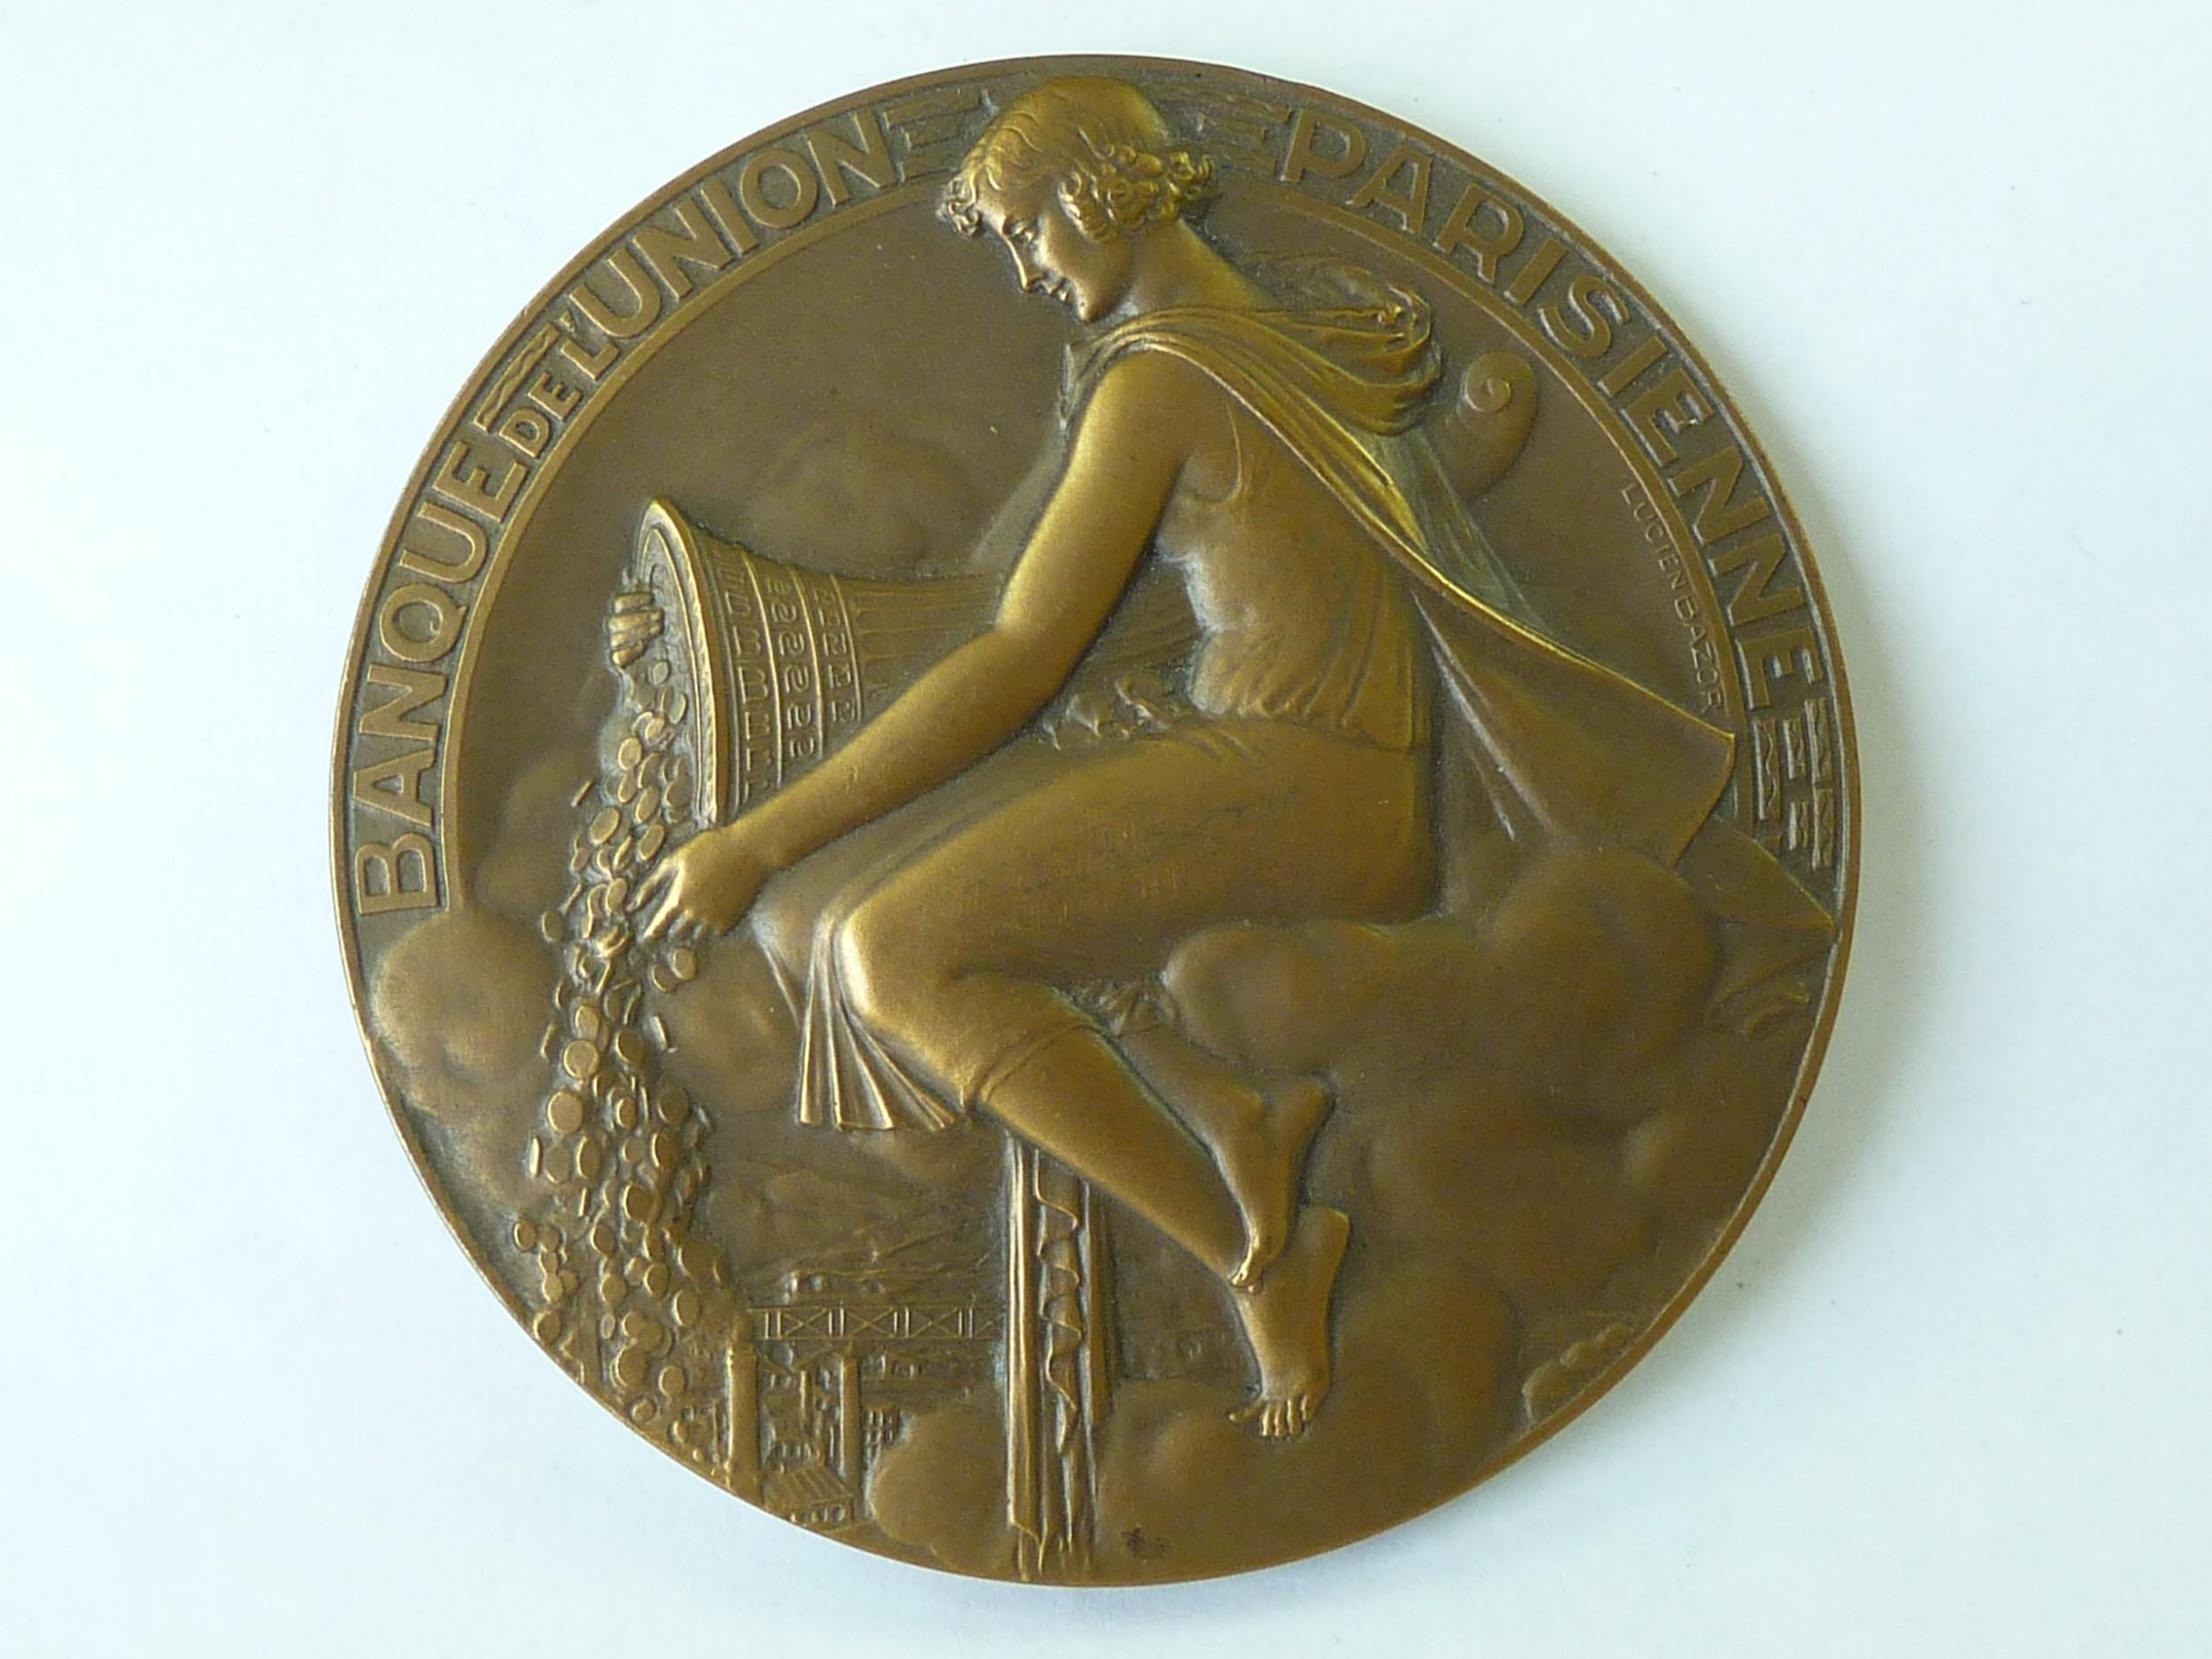 art deco banque de l'union parisienne large french medal medallion lucien bazor